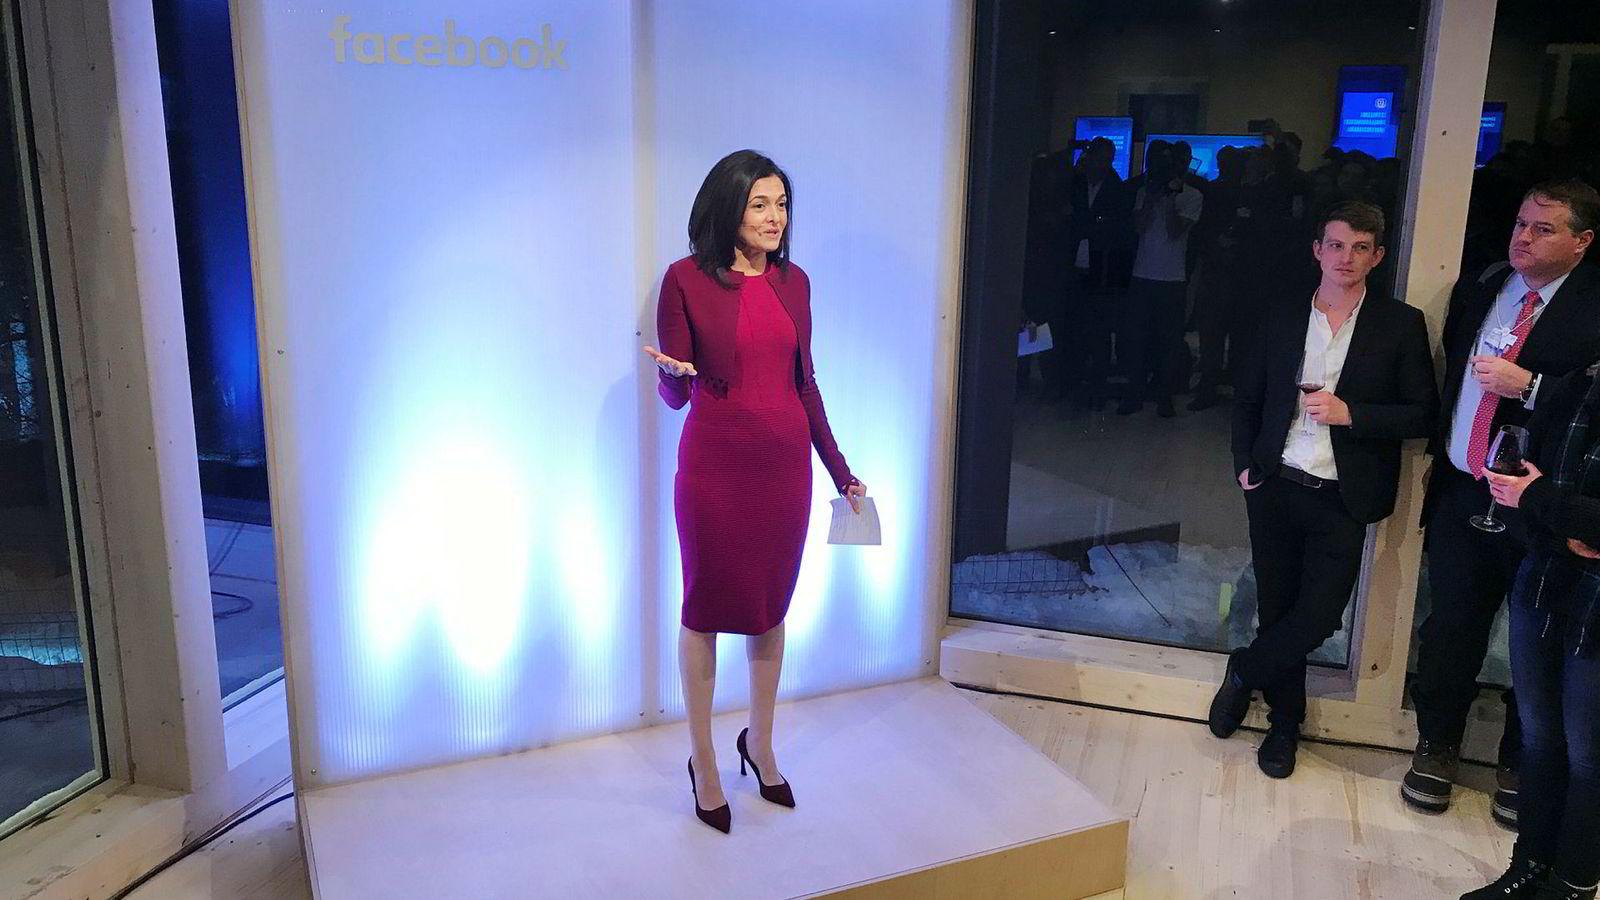 Facebooks nestsjef Sheryl Sandberg ønsket velkommen på selskapets «off the record»-cocktailselskap under Verdens økonomiske forum i Davos.